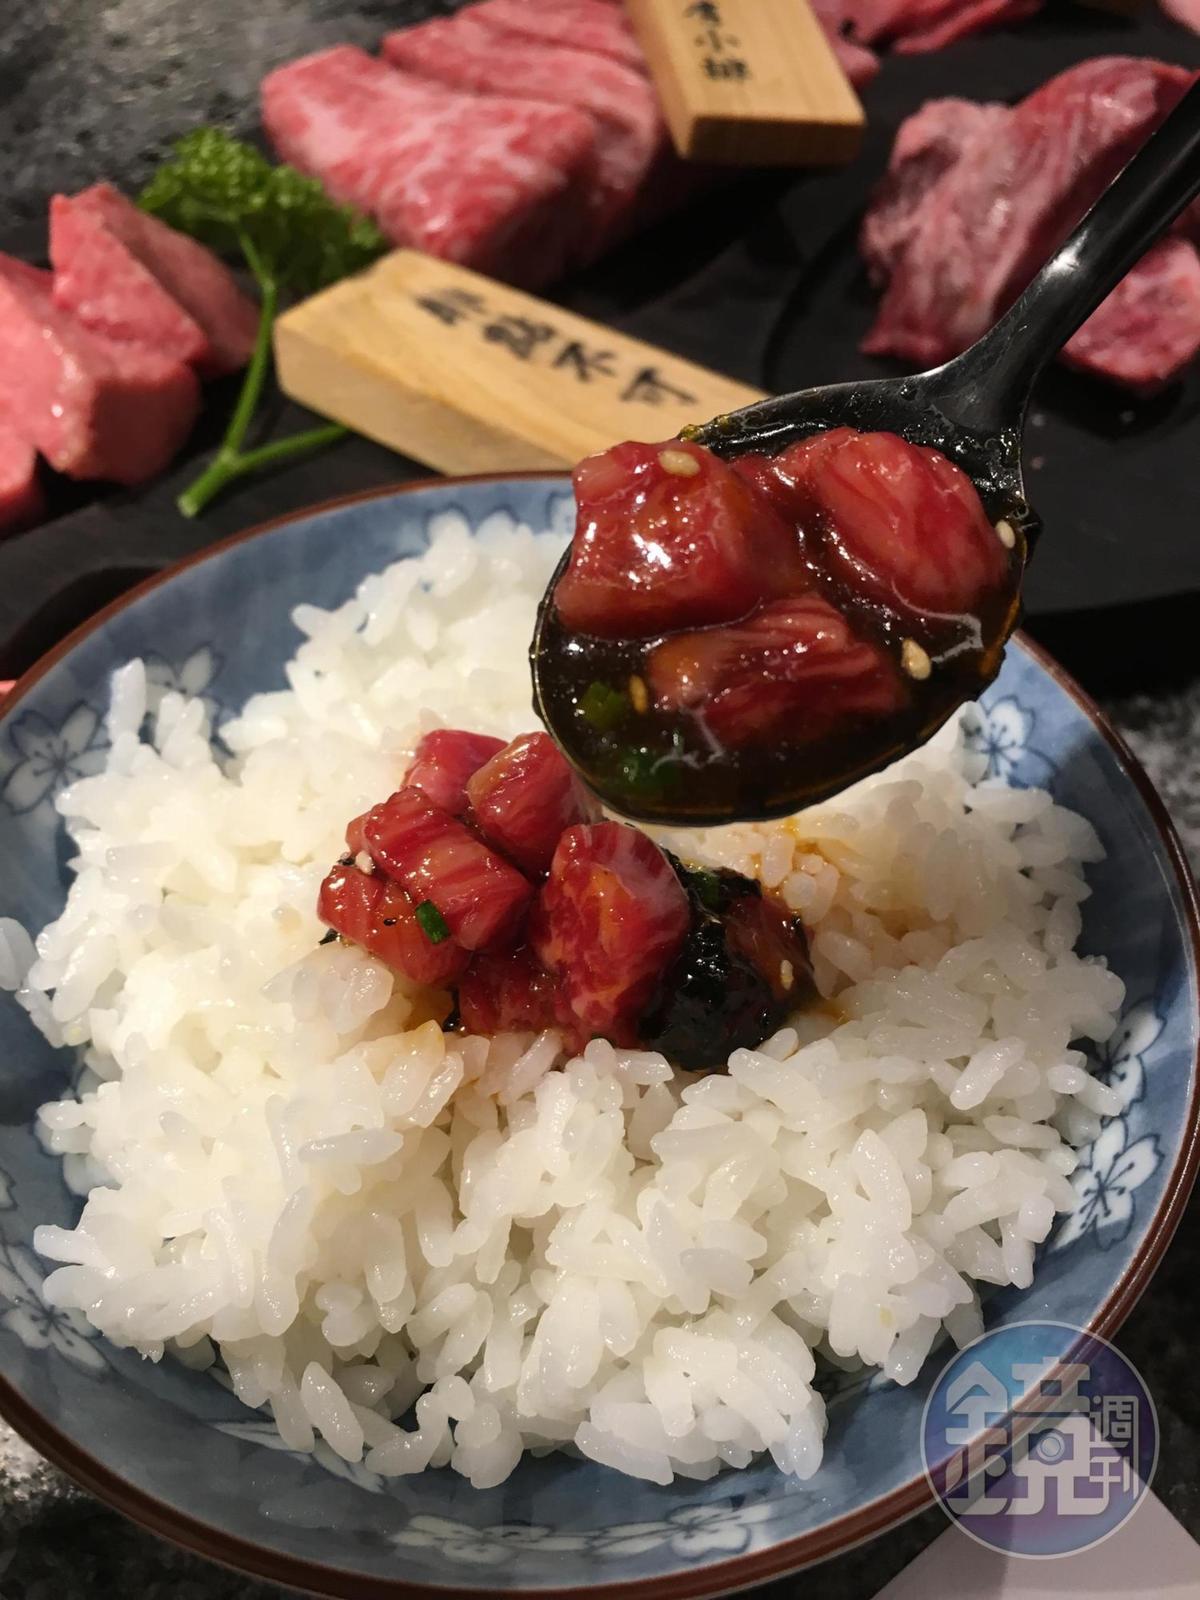 裹著醬汁的和牛塊,配著日本越光米飯一起吃,彈嫩滑口、甜鹹下飯。